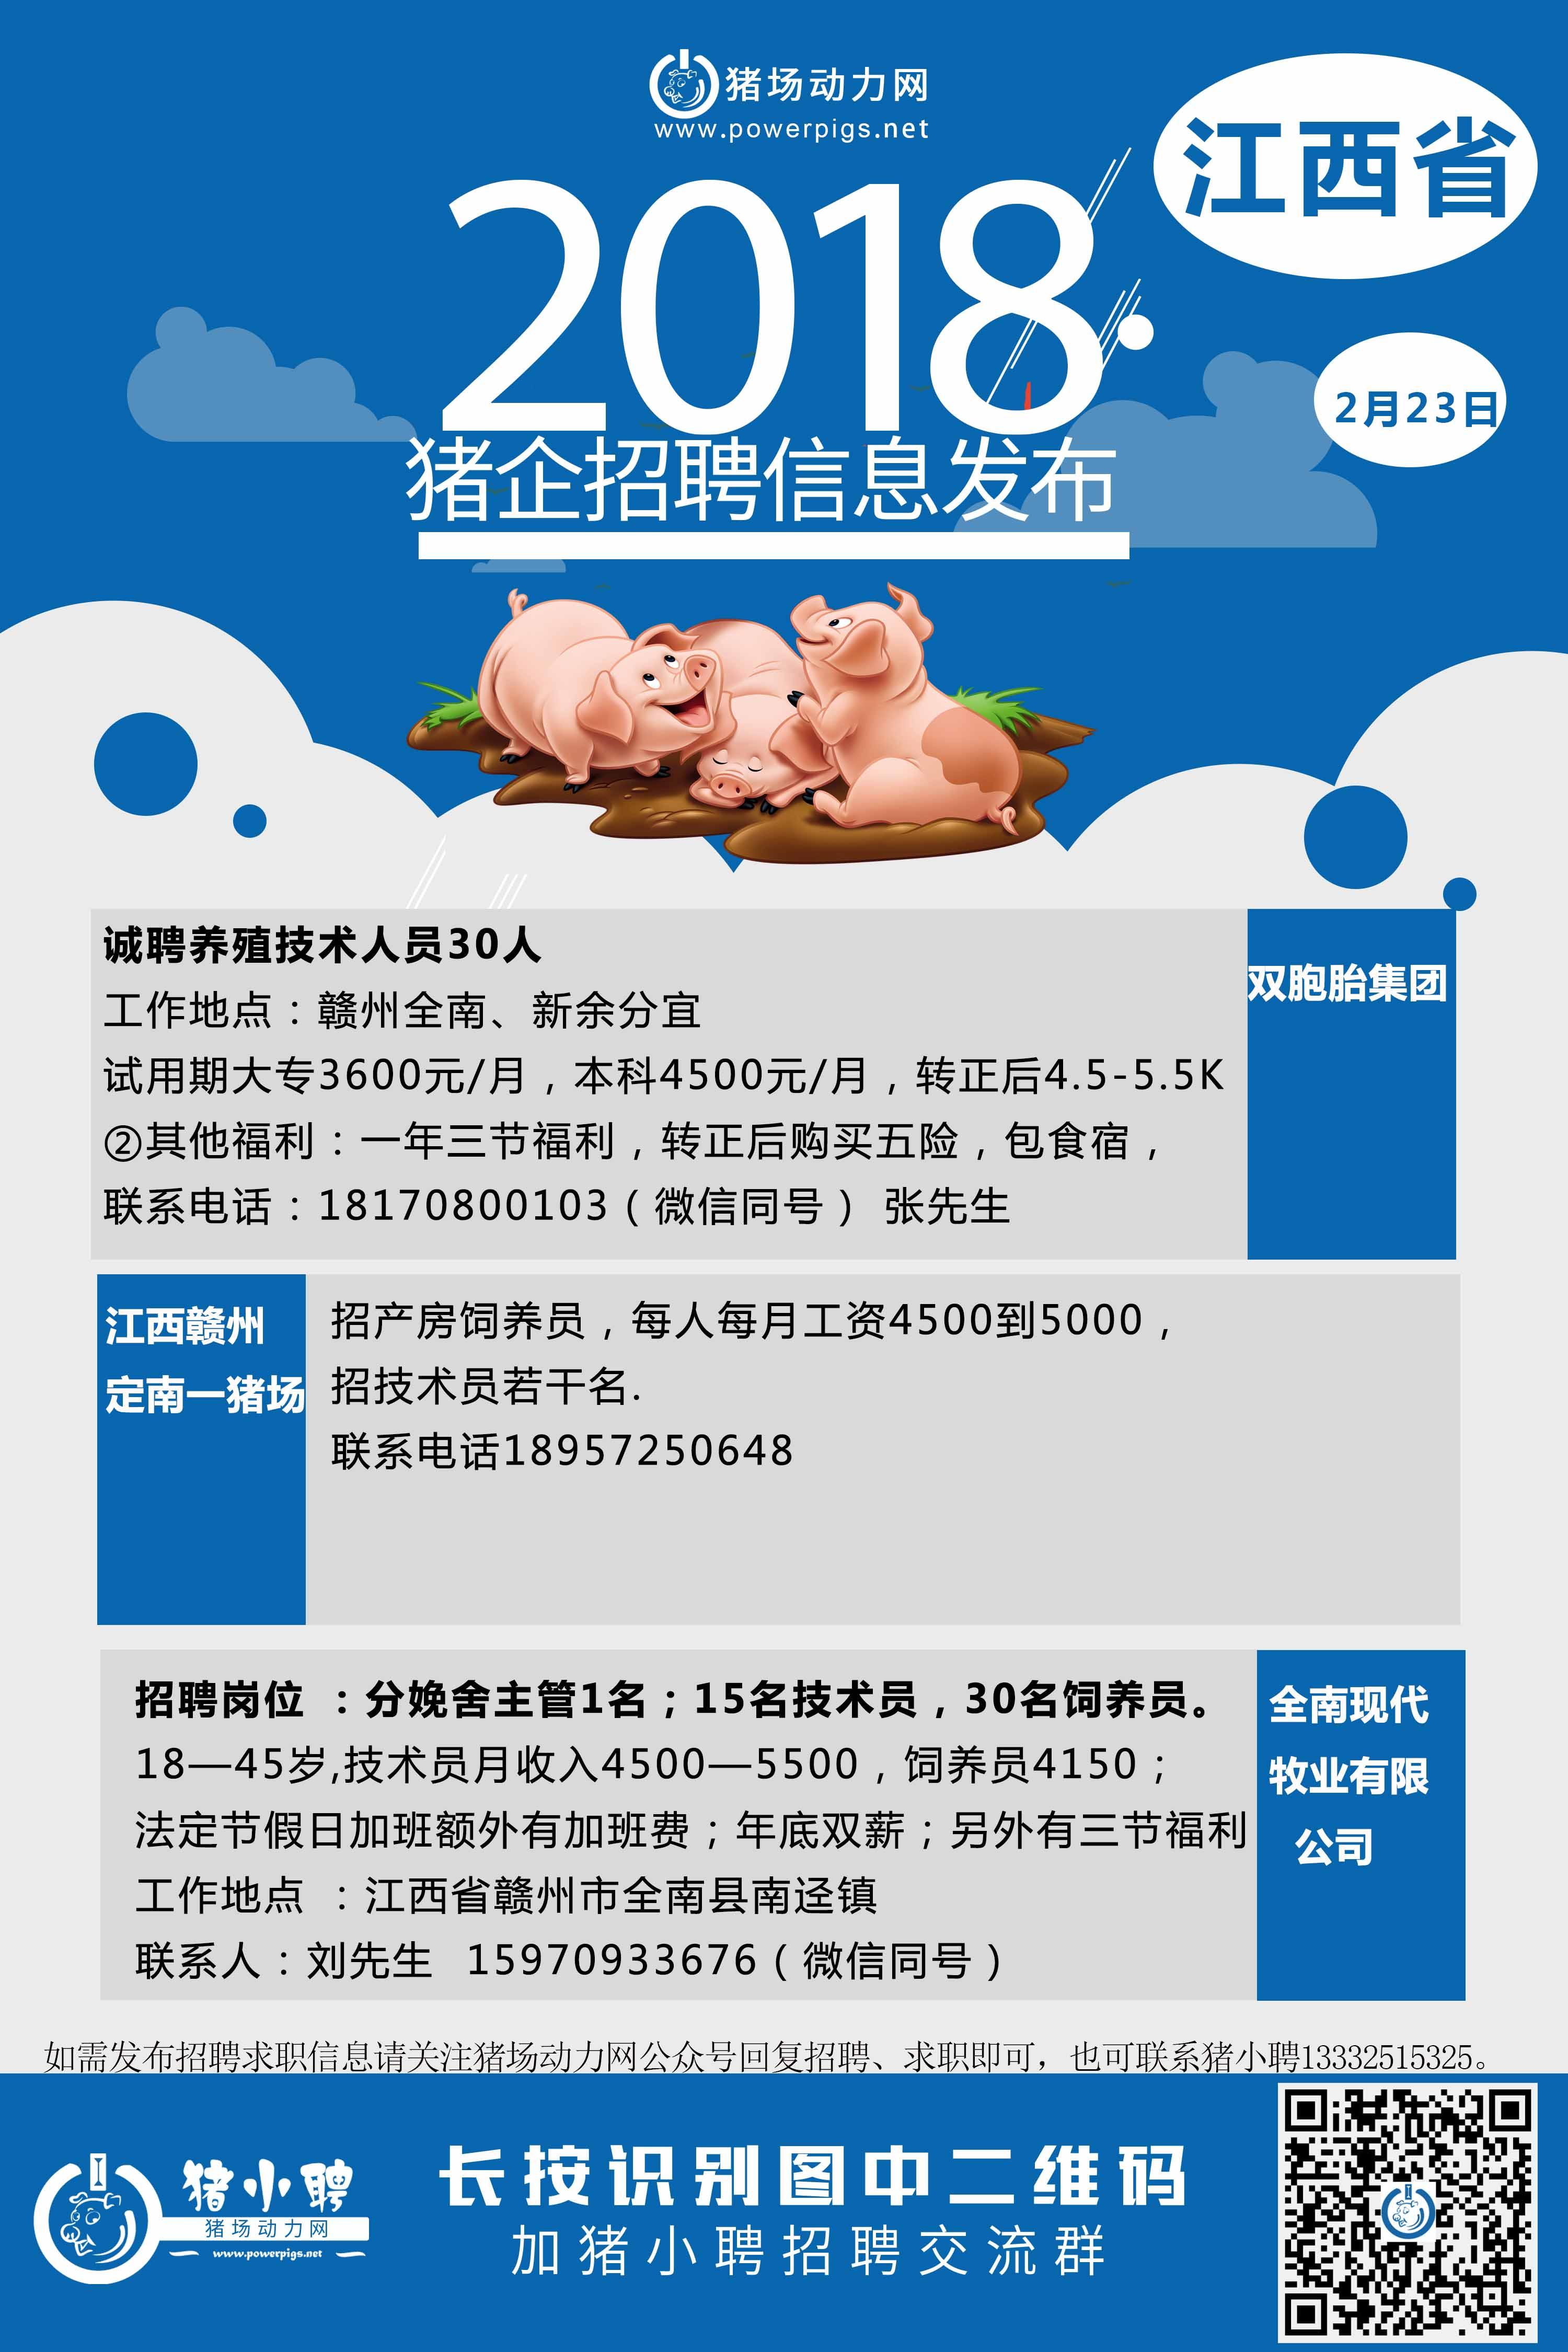 2.23日 江西猪场招聘 2.jpg